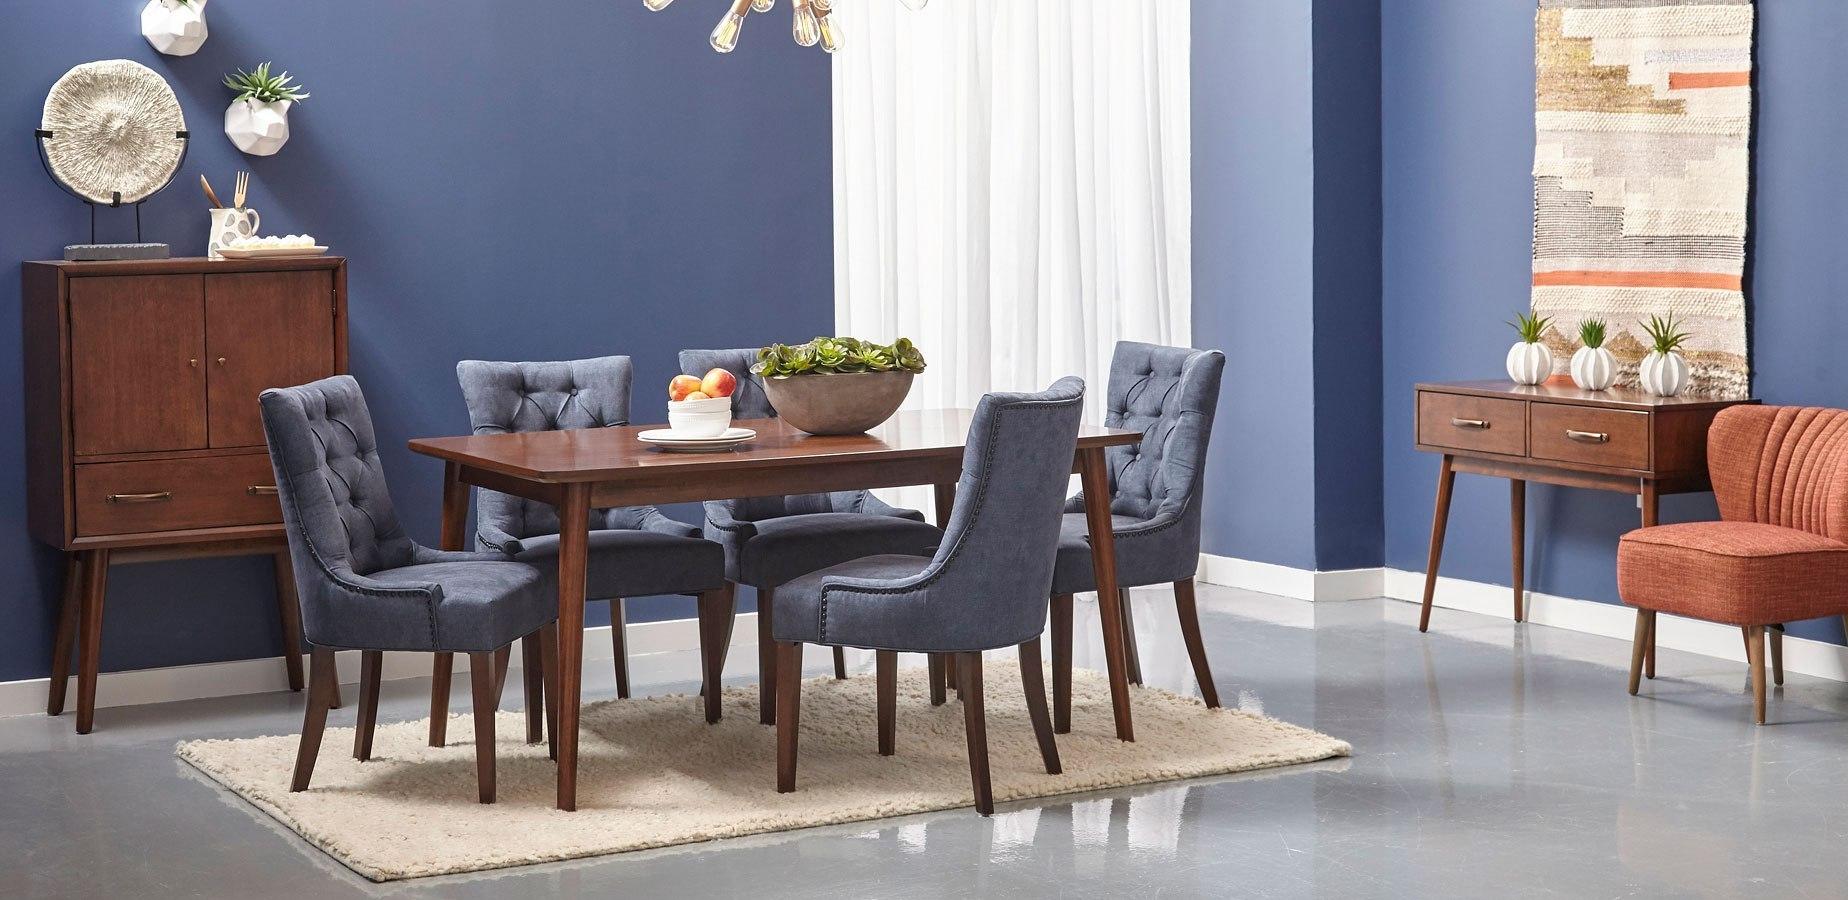 Draper Mid-Century Modern Dining Room Set